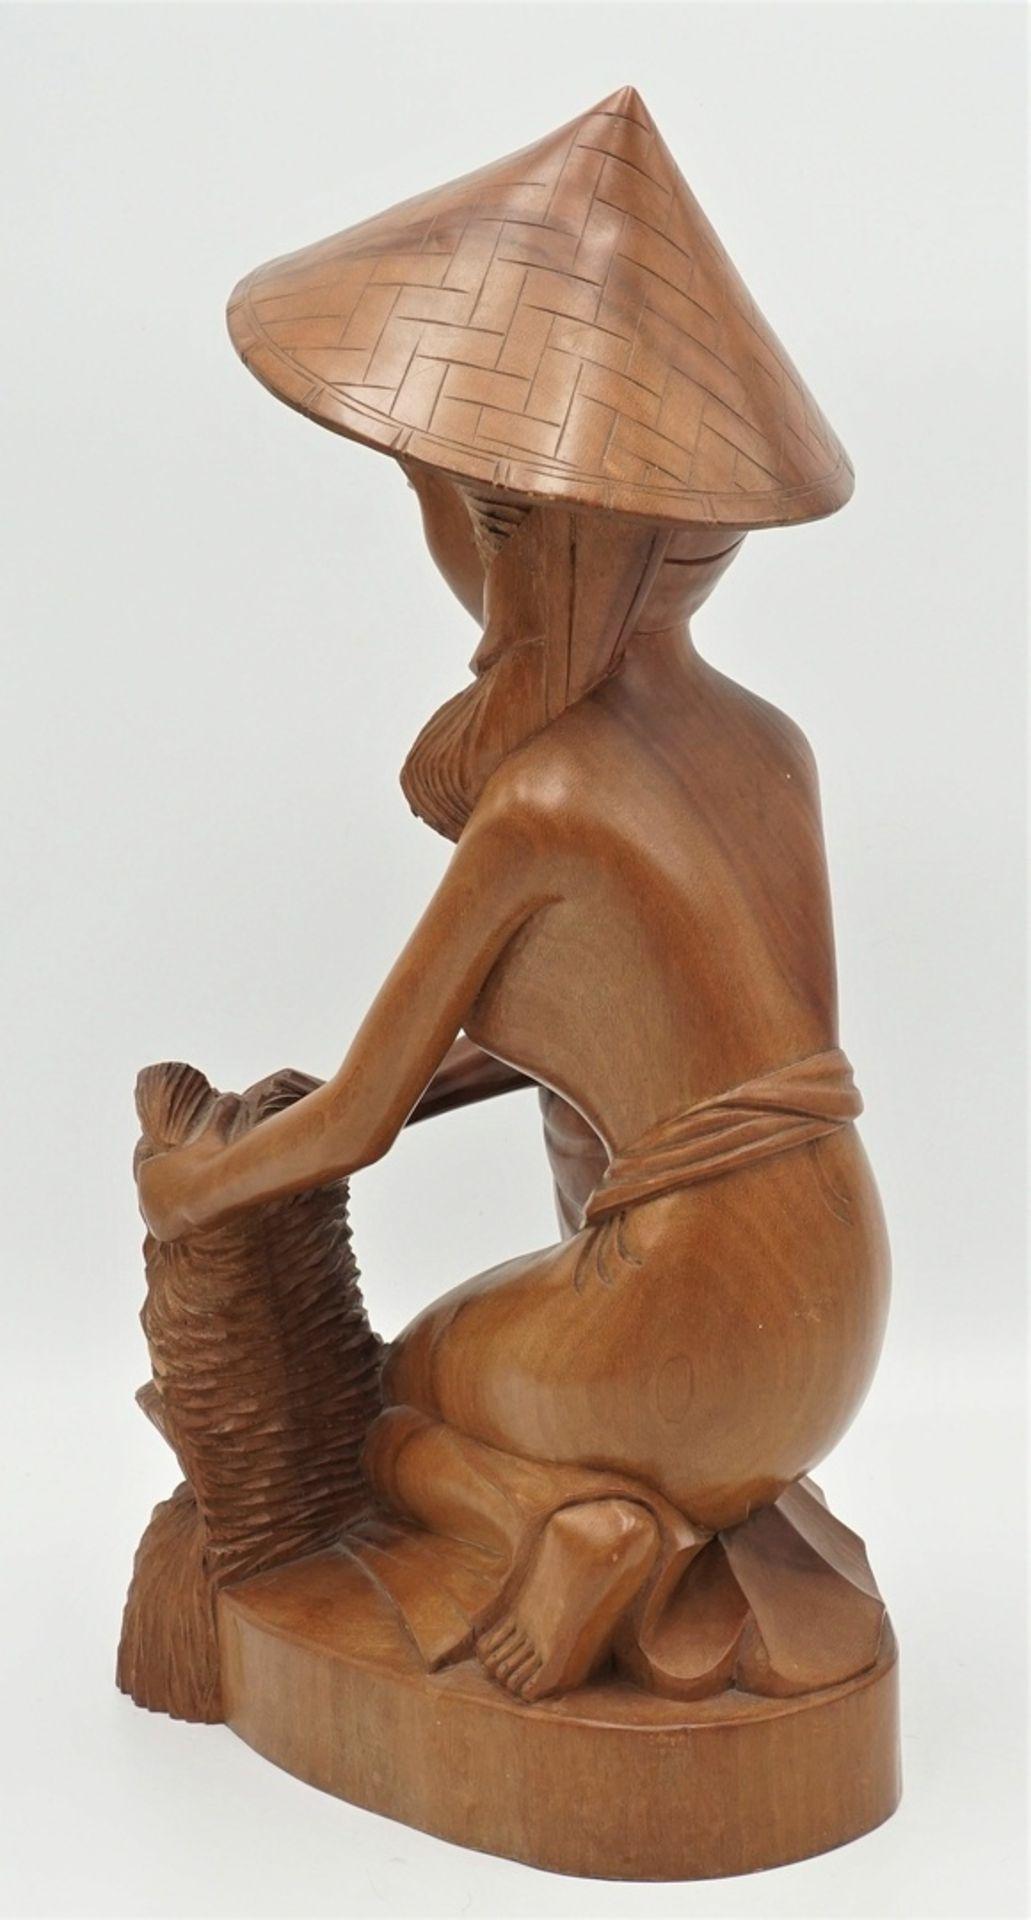 Barbusige Frau bei der Reisernte, Indonesien, 2. Hälfte 20. Jh. - Bild 2 aus 5